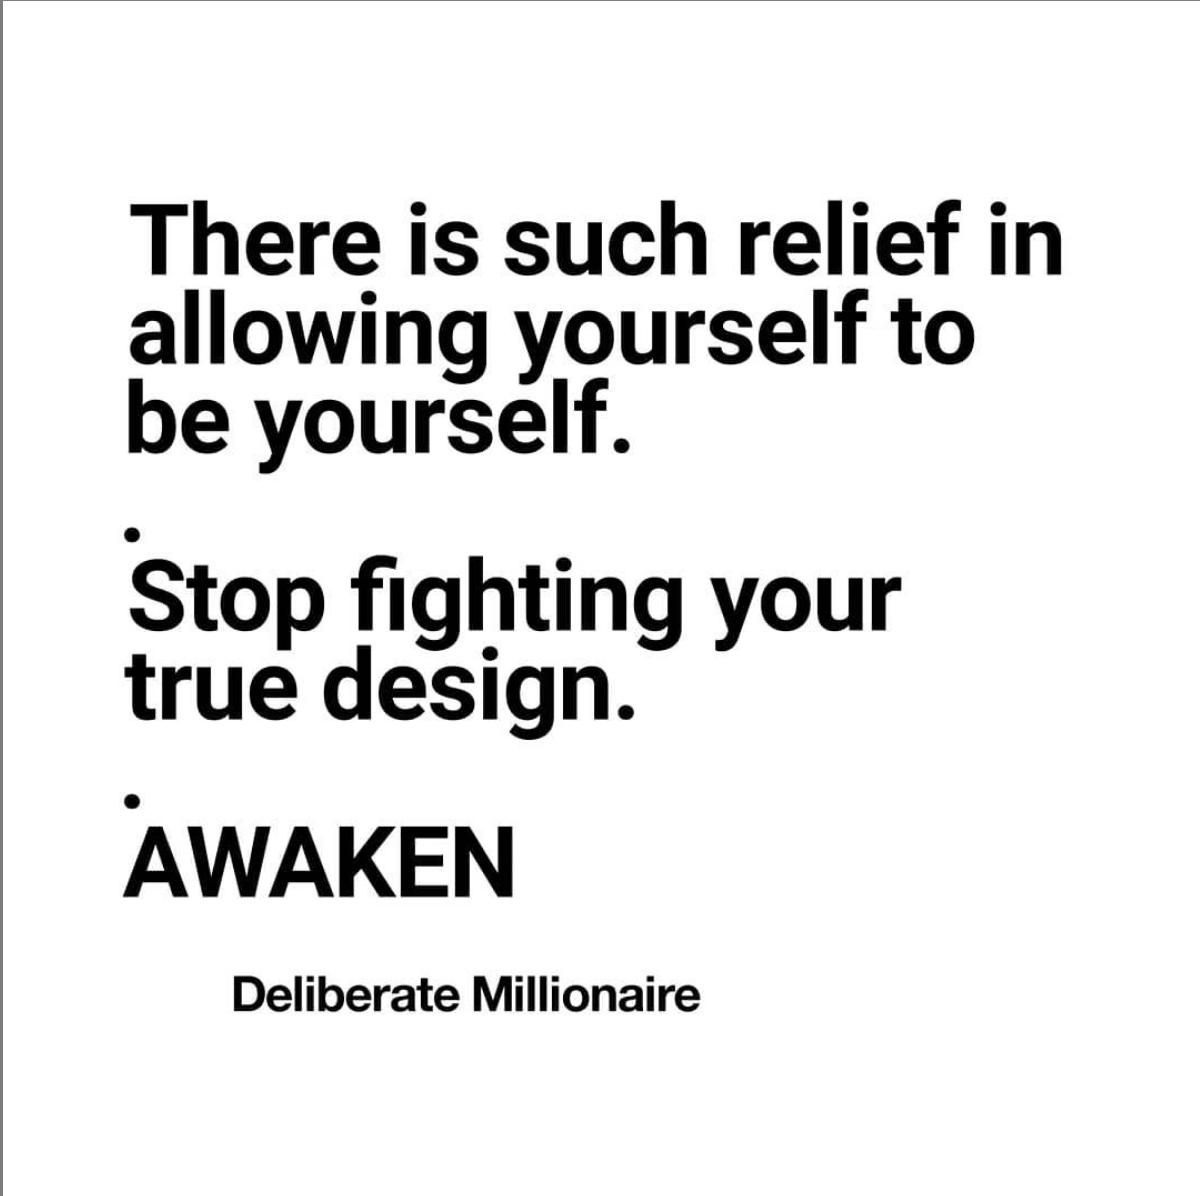 Stop fighting your true design